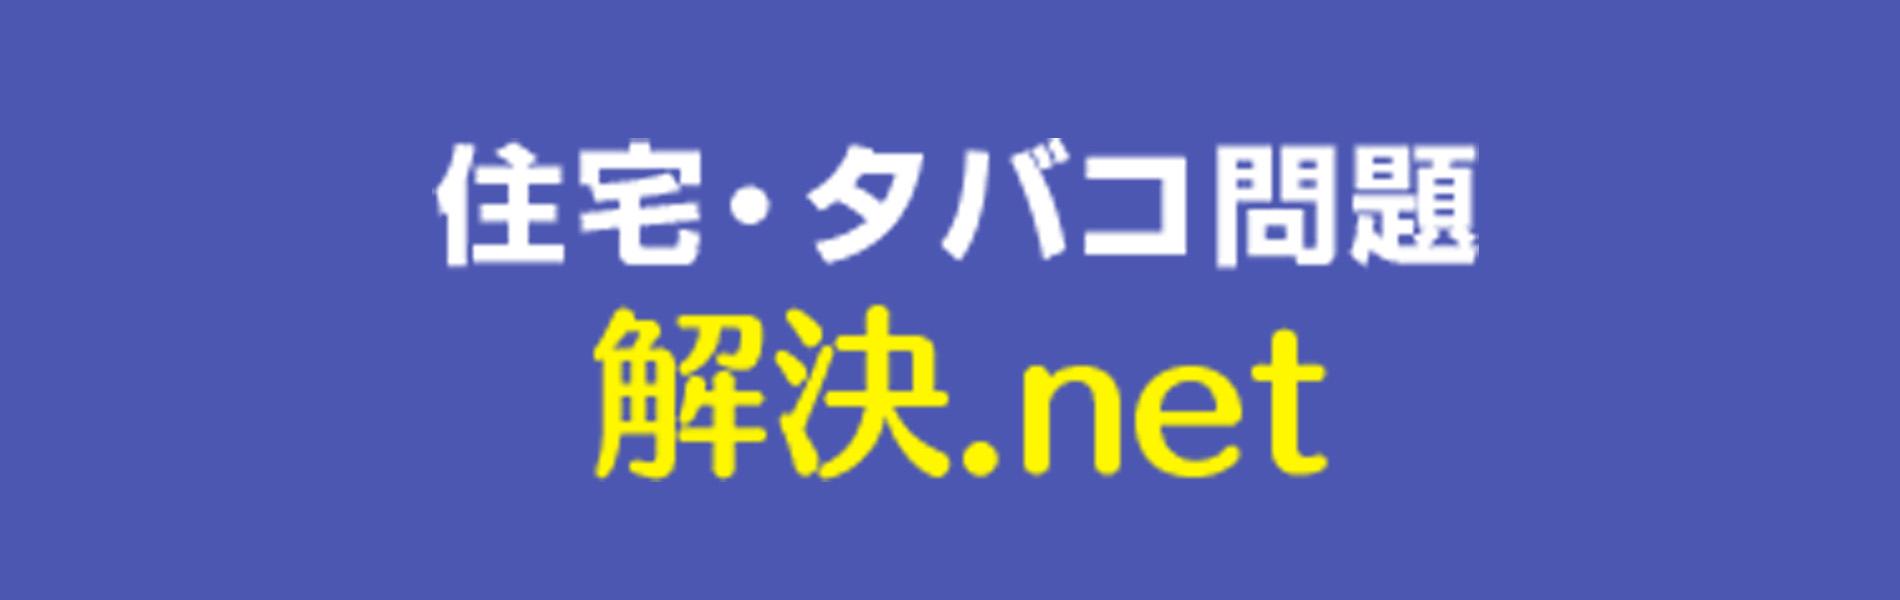 住宅・タバコ問題解決.net